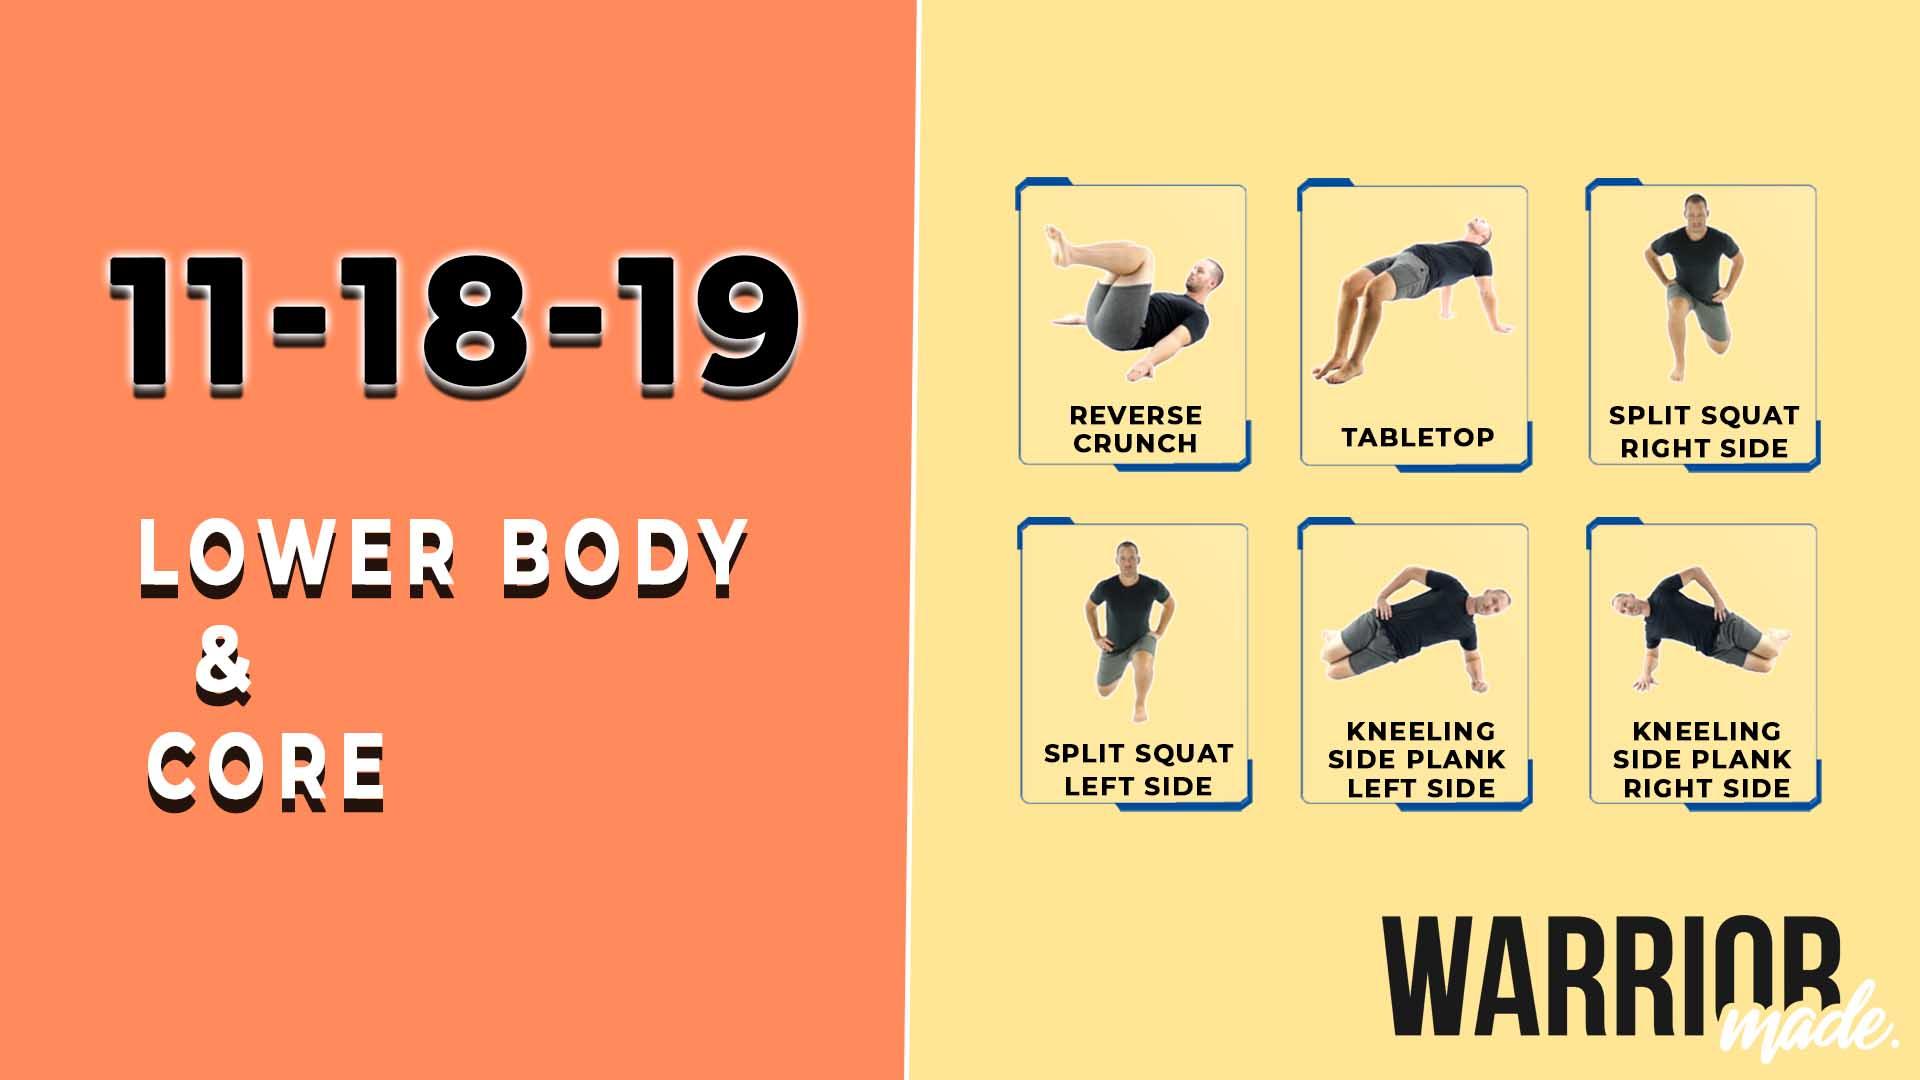 workouts-11-18-19